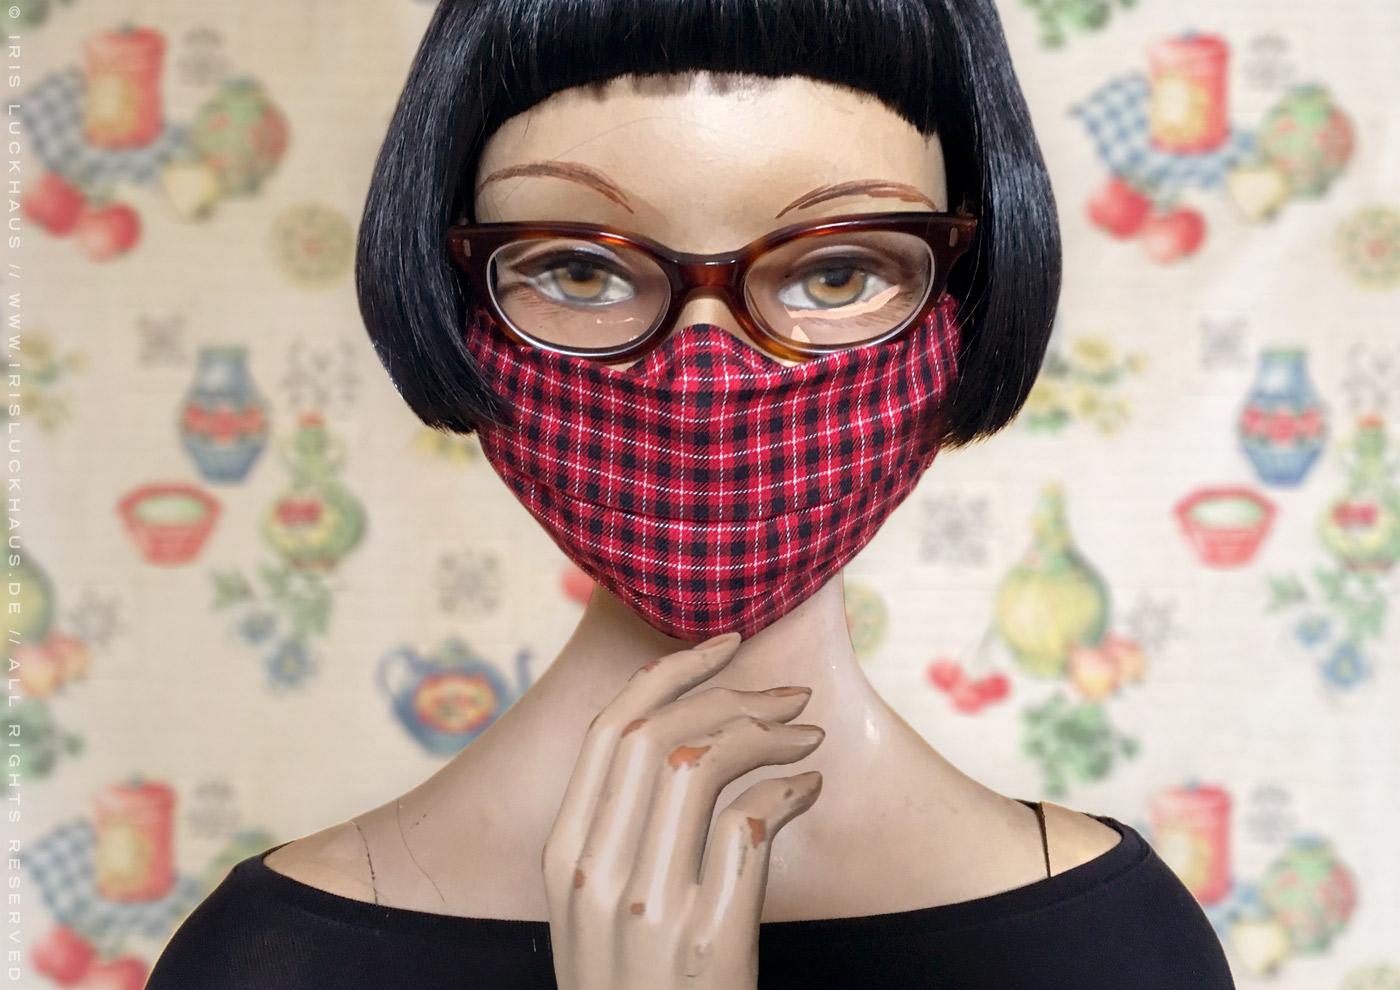 Optimierte Hybrid-Maske, Behelfsmaske, Alltagsmaske, Mundmaske, Mund-Nase-Maske oder Mund-Nase-Bedeckung zum Selbstnähen mit Anleitung, Schnittmuster und Schablone auf Stoff mit Nasenbügel, Filteröffnung und Tunnelzug für Ohrhaöter und Kopfbändel von Iris Luckhaus